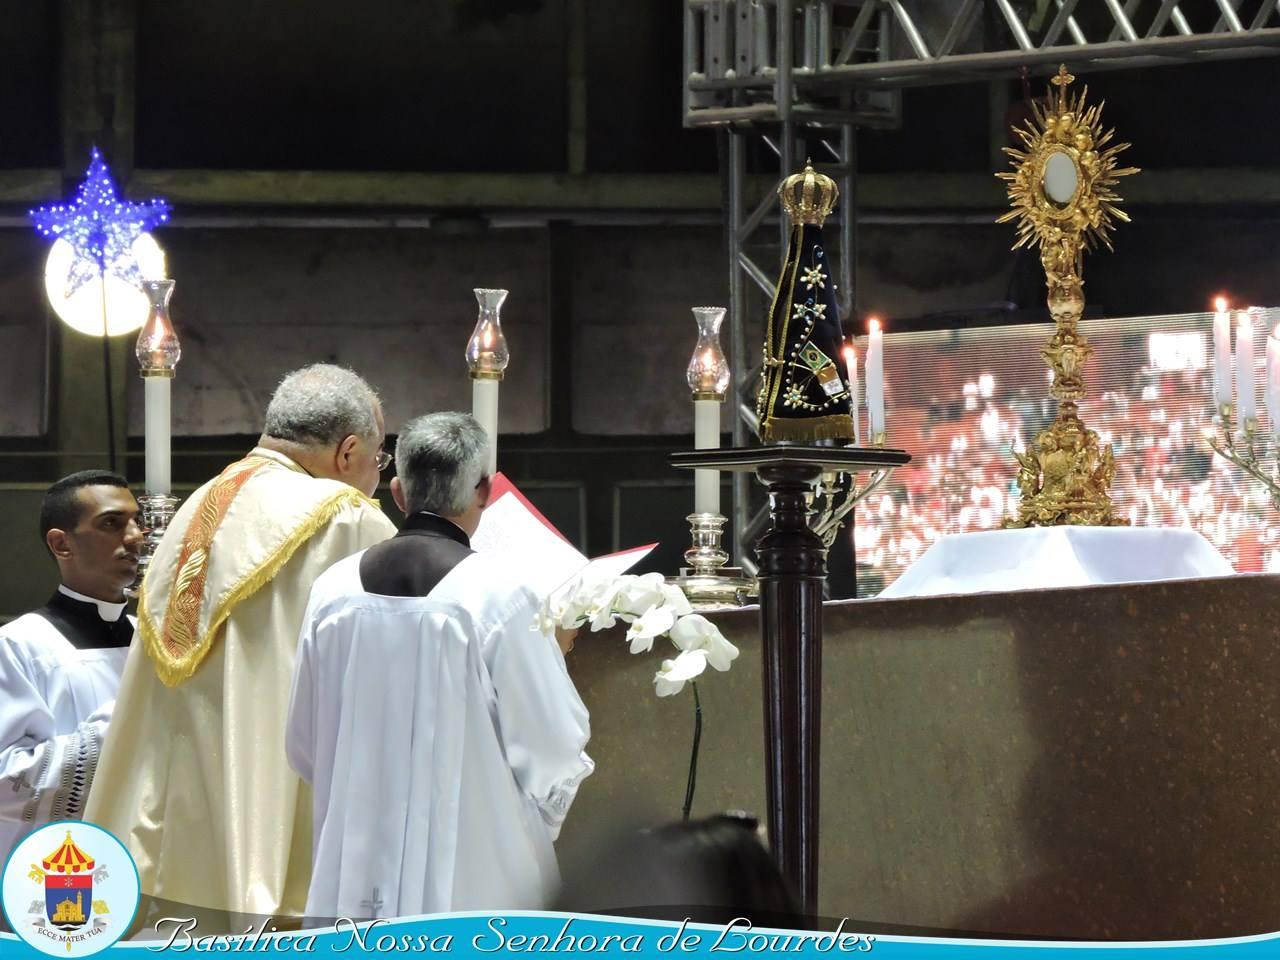 Basílica Nossa Senhora De Lourdes